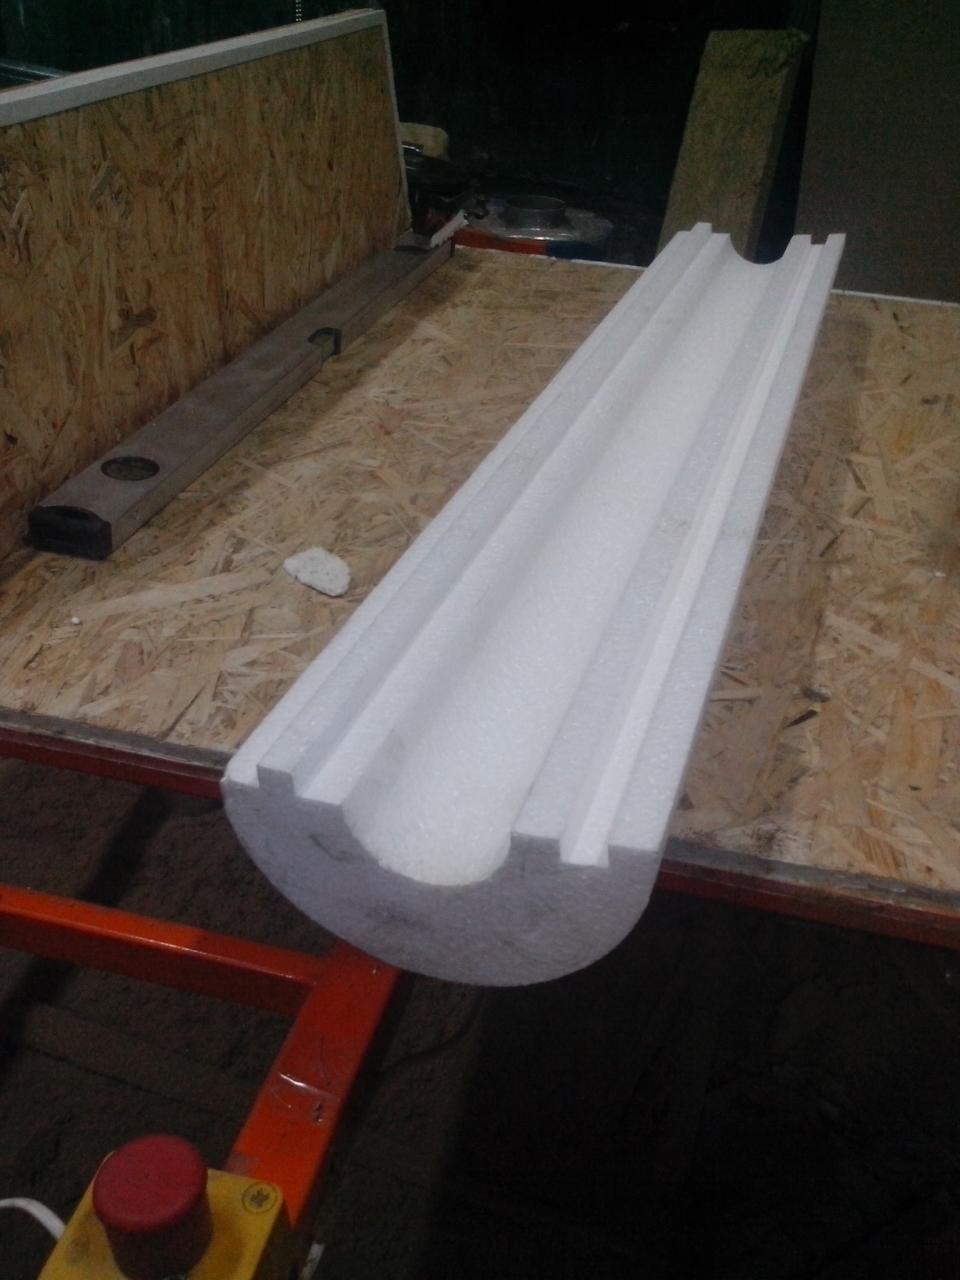 Утеплитель из пенопласта (пенополистирола) для труб Ø 110 мм толщиной 70 мм